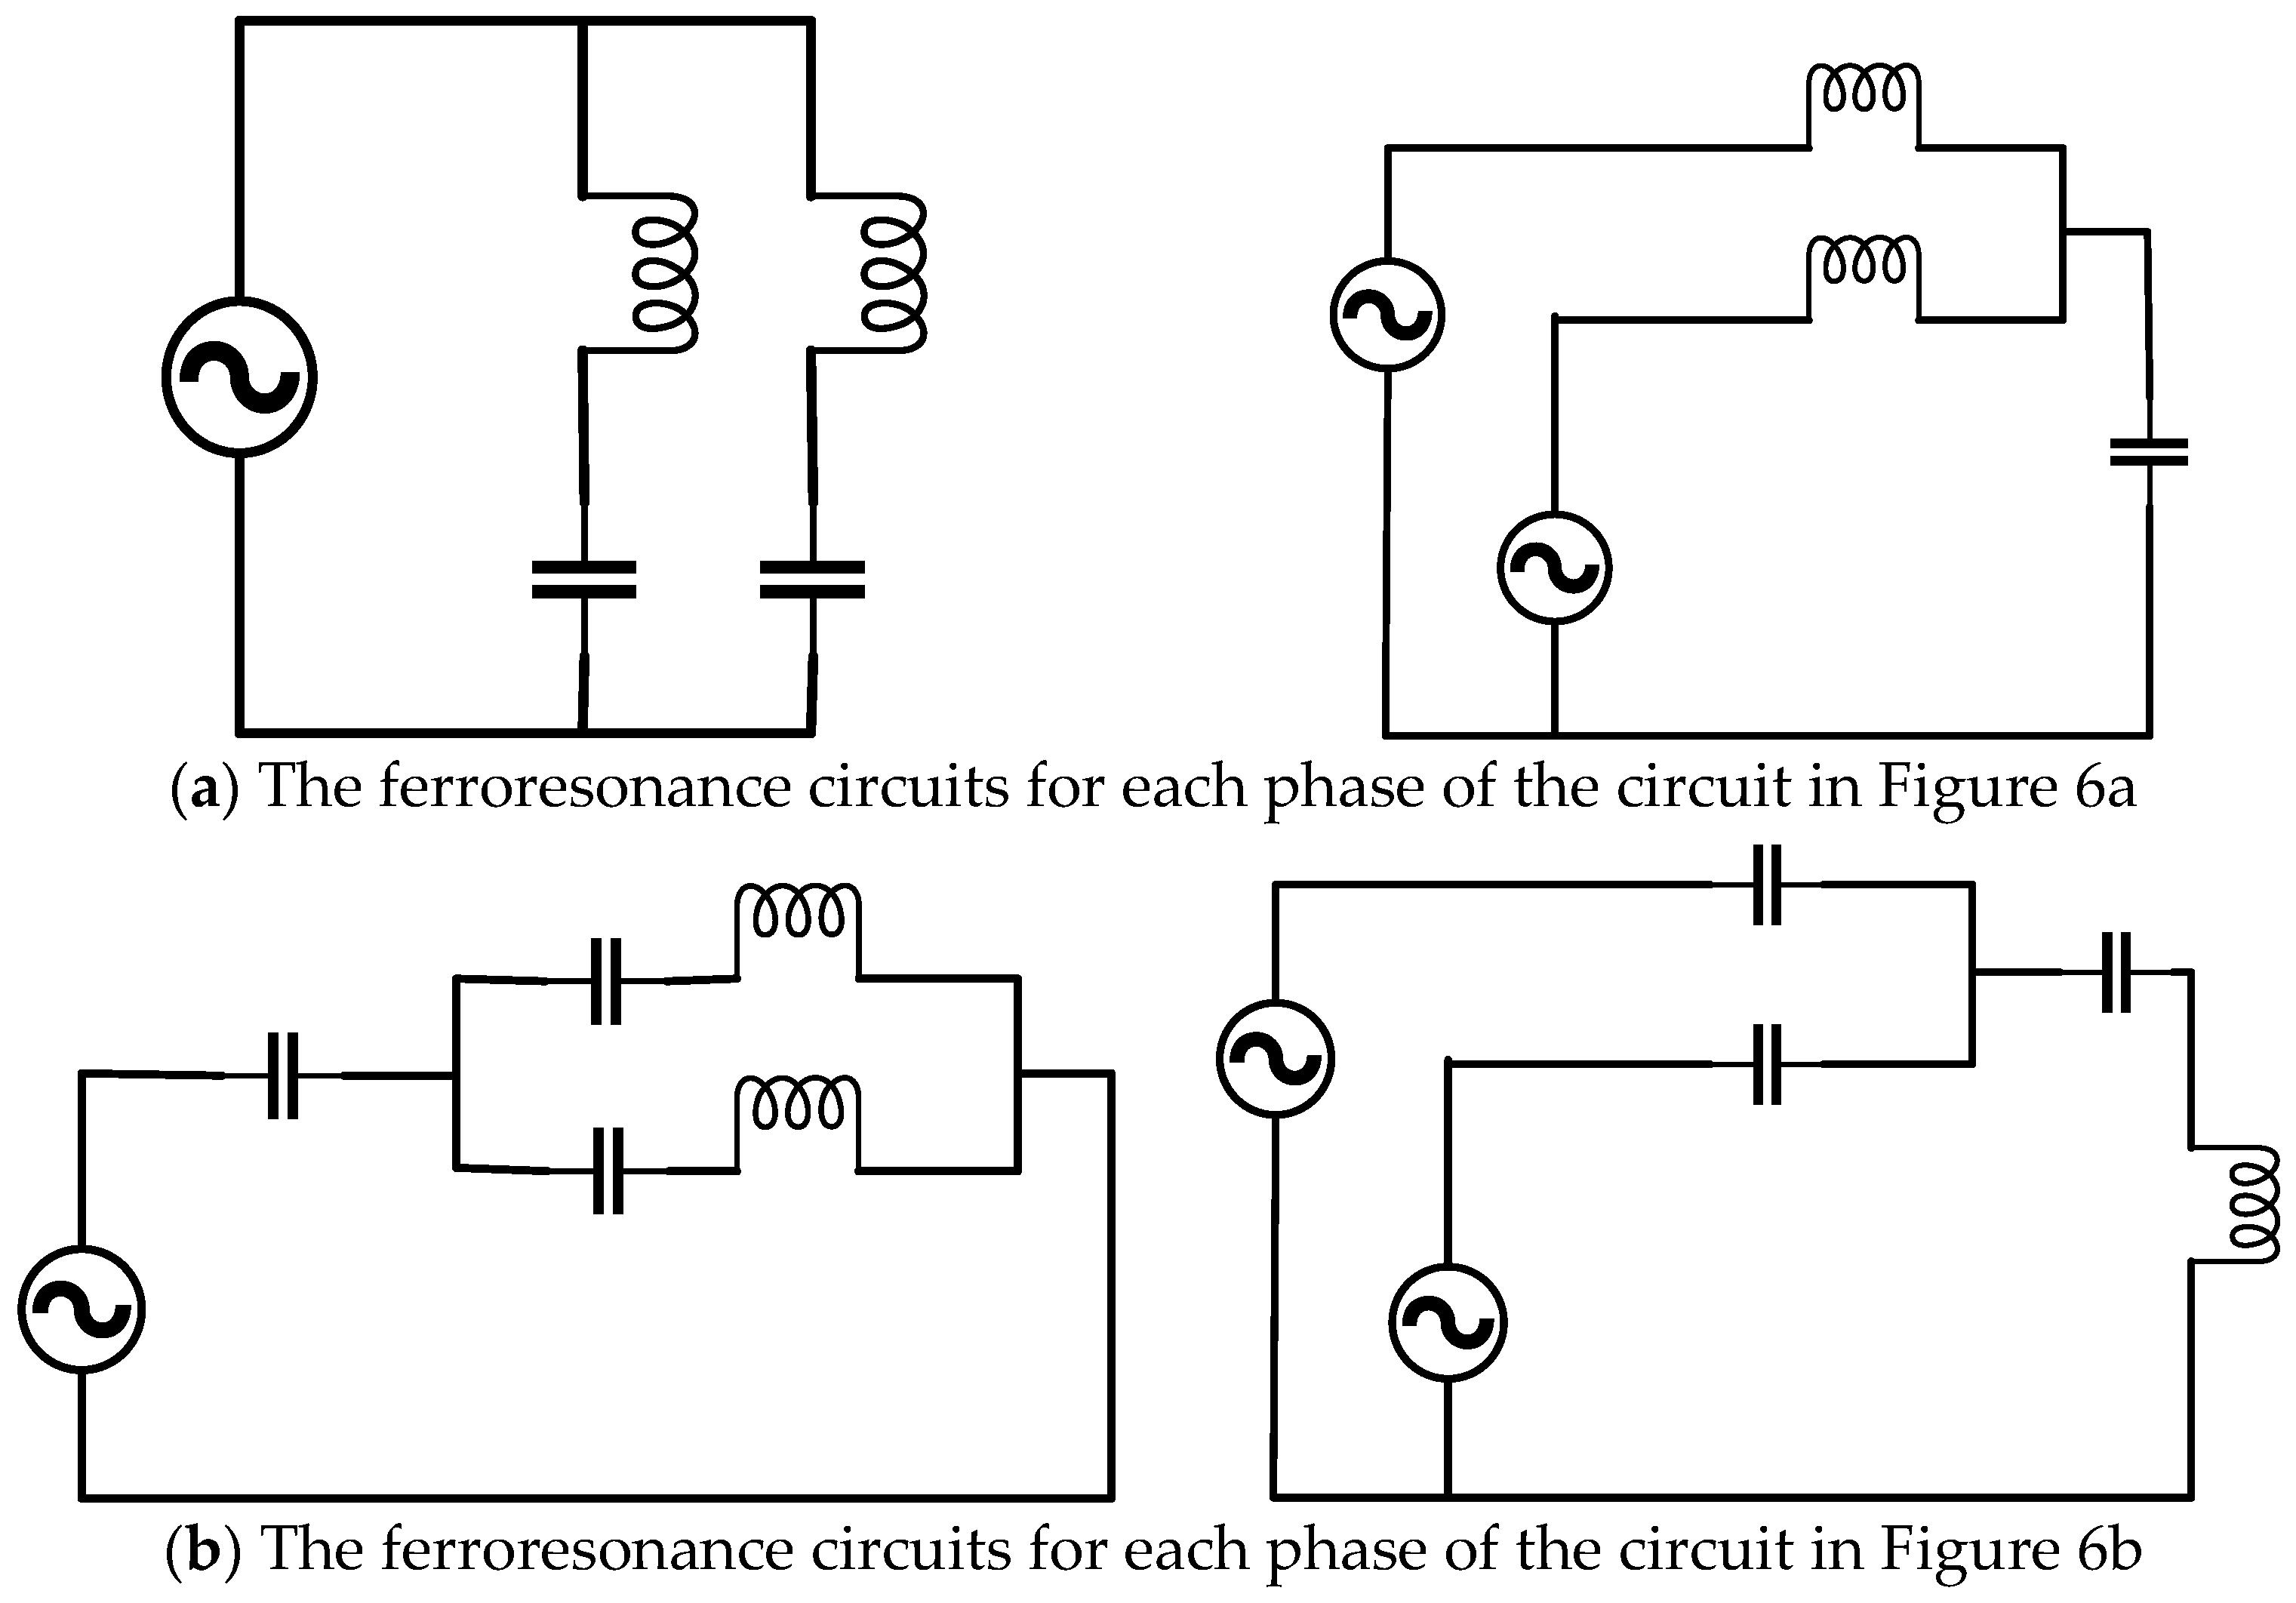 ga power transformer wiring diagram wiring diagrams ga power transformer wiring diagram wiring diagram ga power transformer wiring diagram